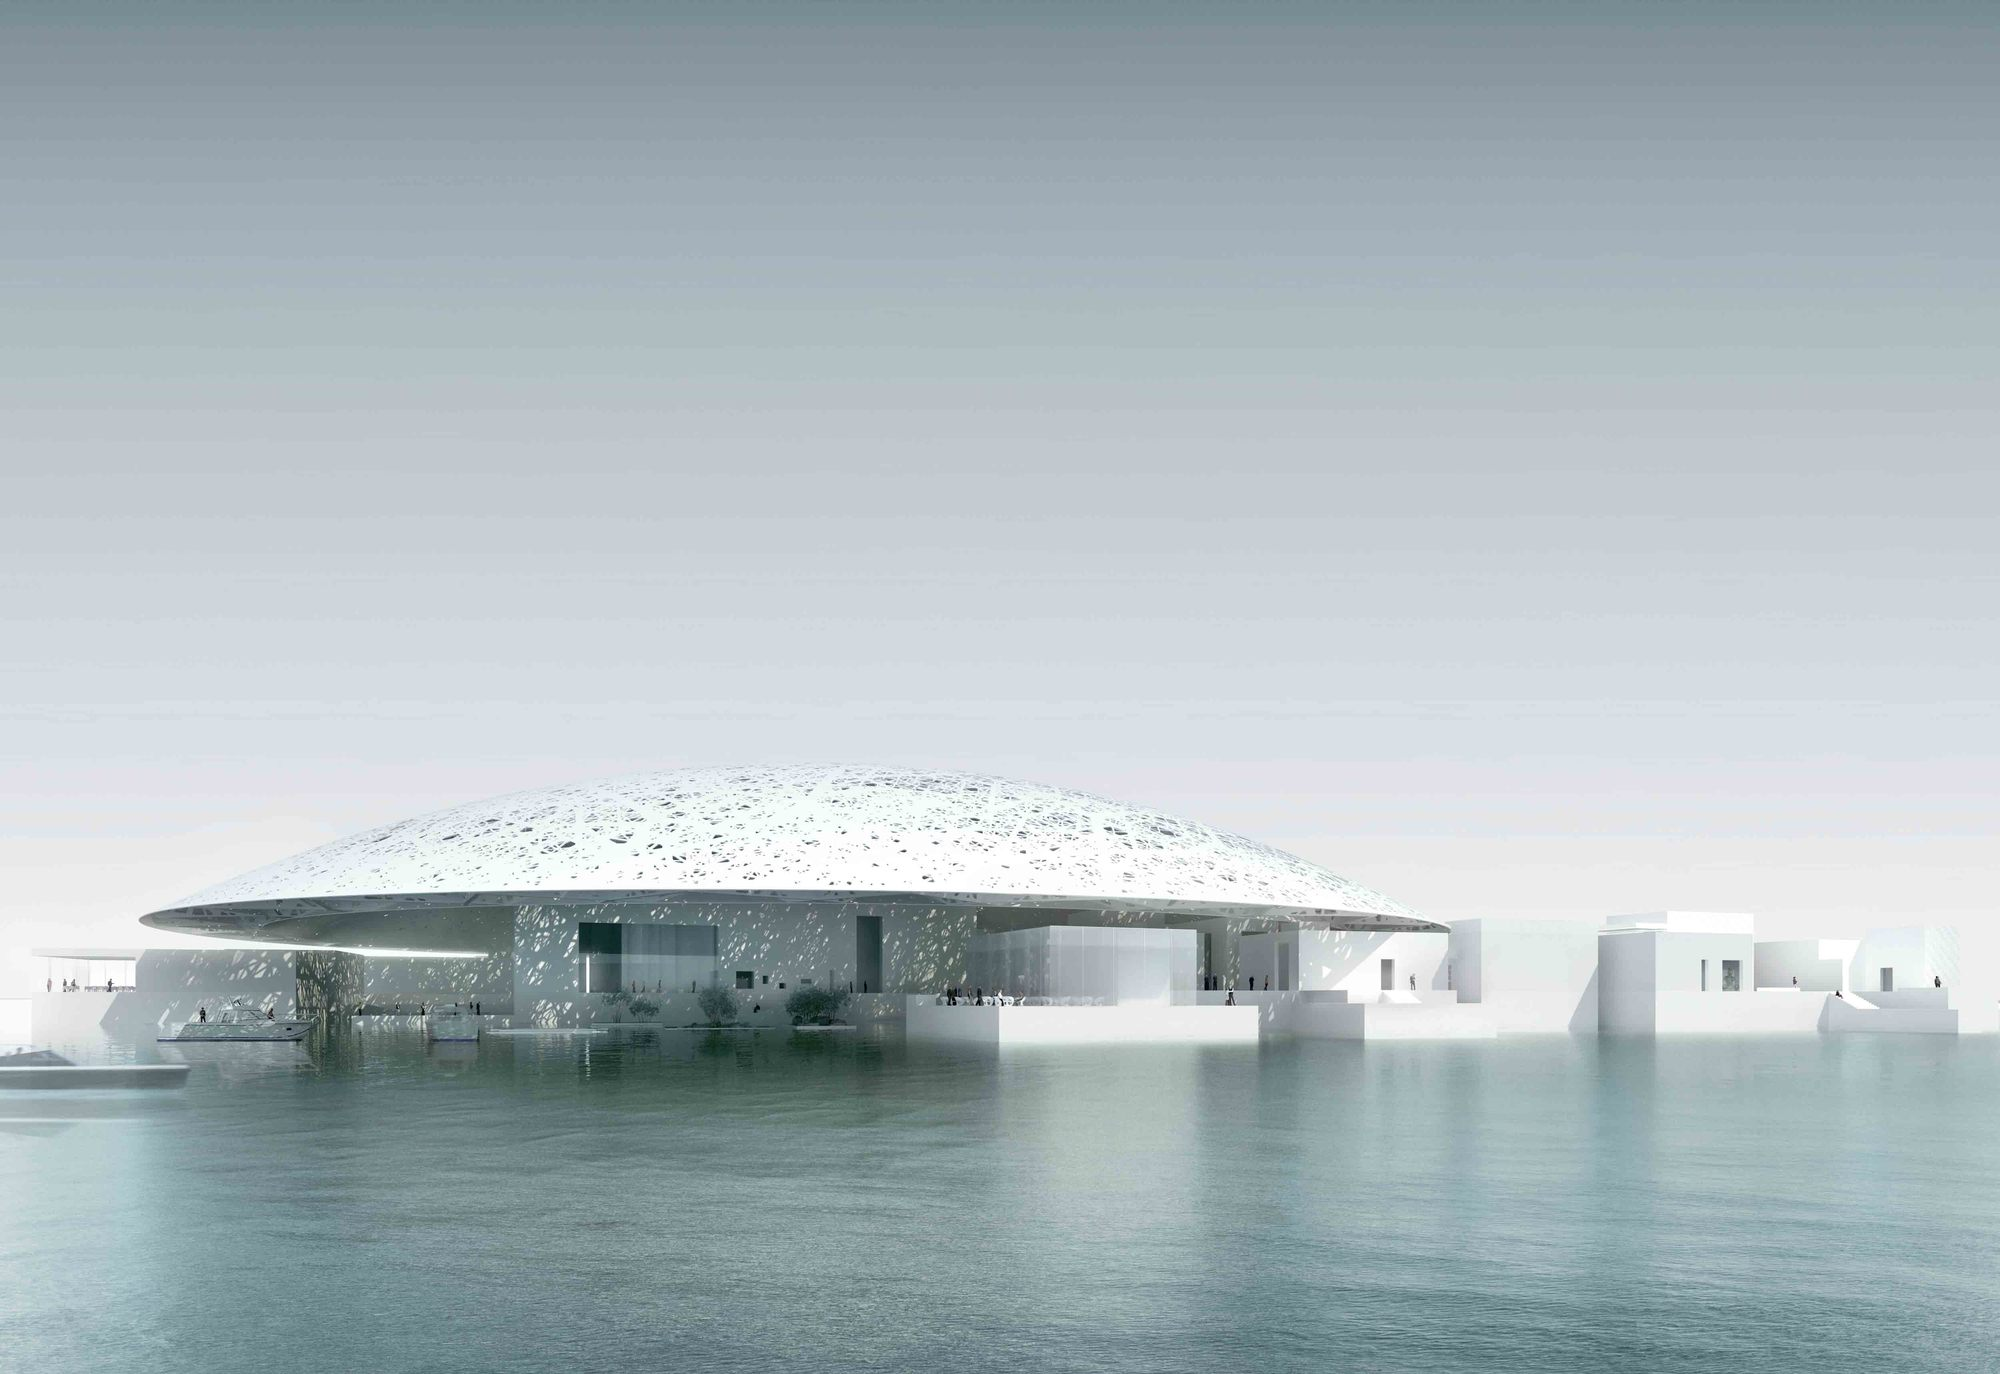 The Louvre Abu Dhabi on Saadiyat Island